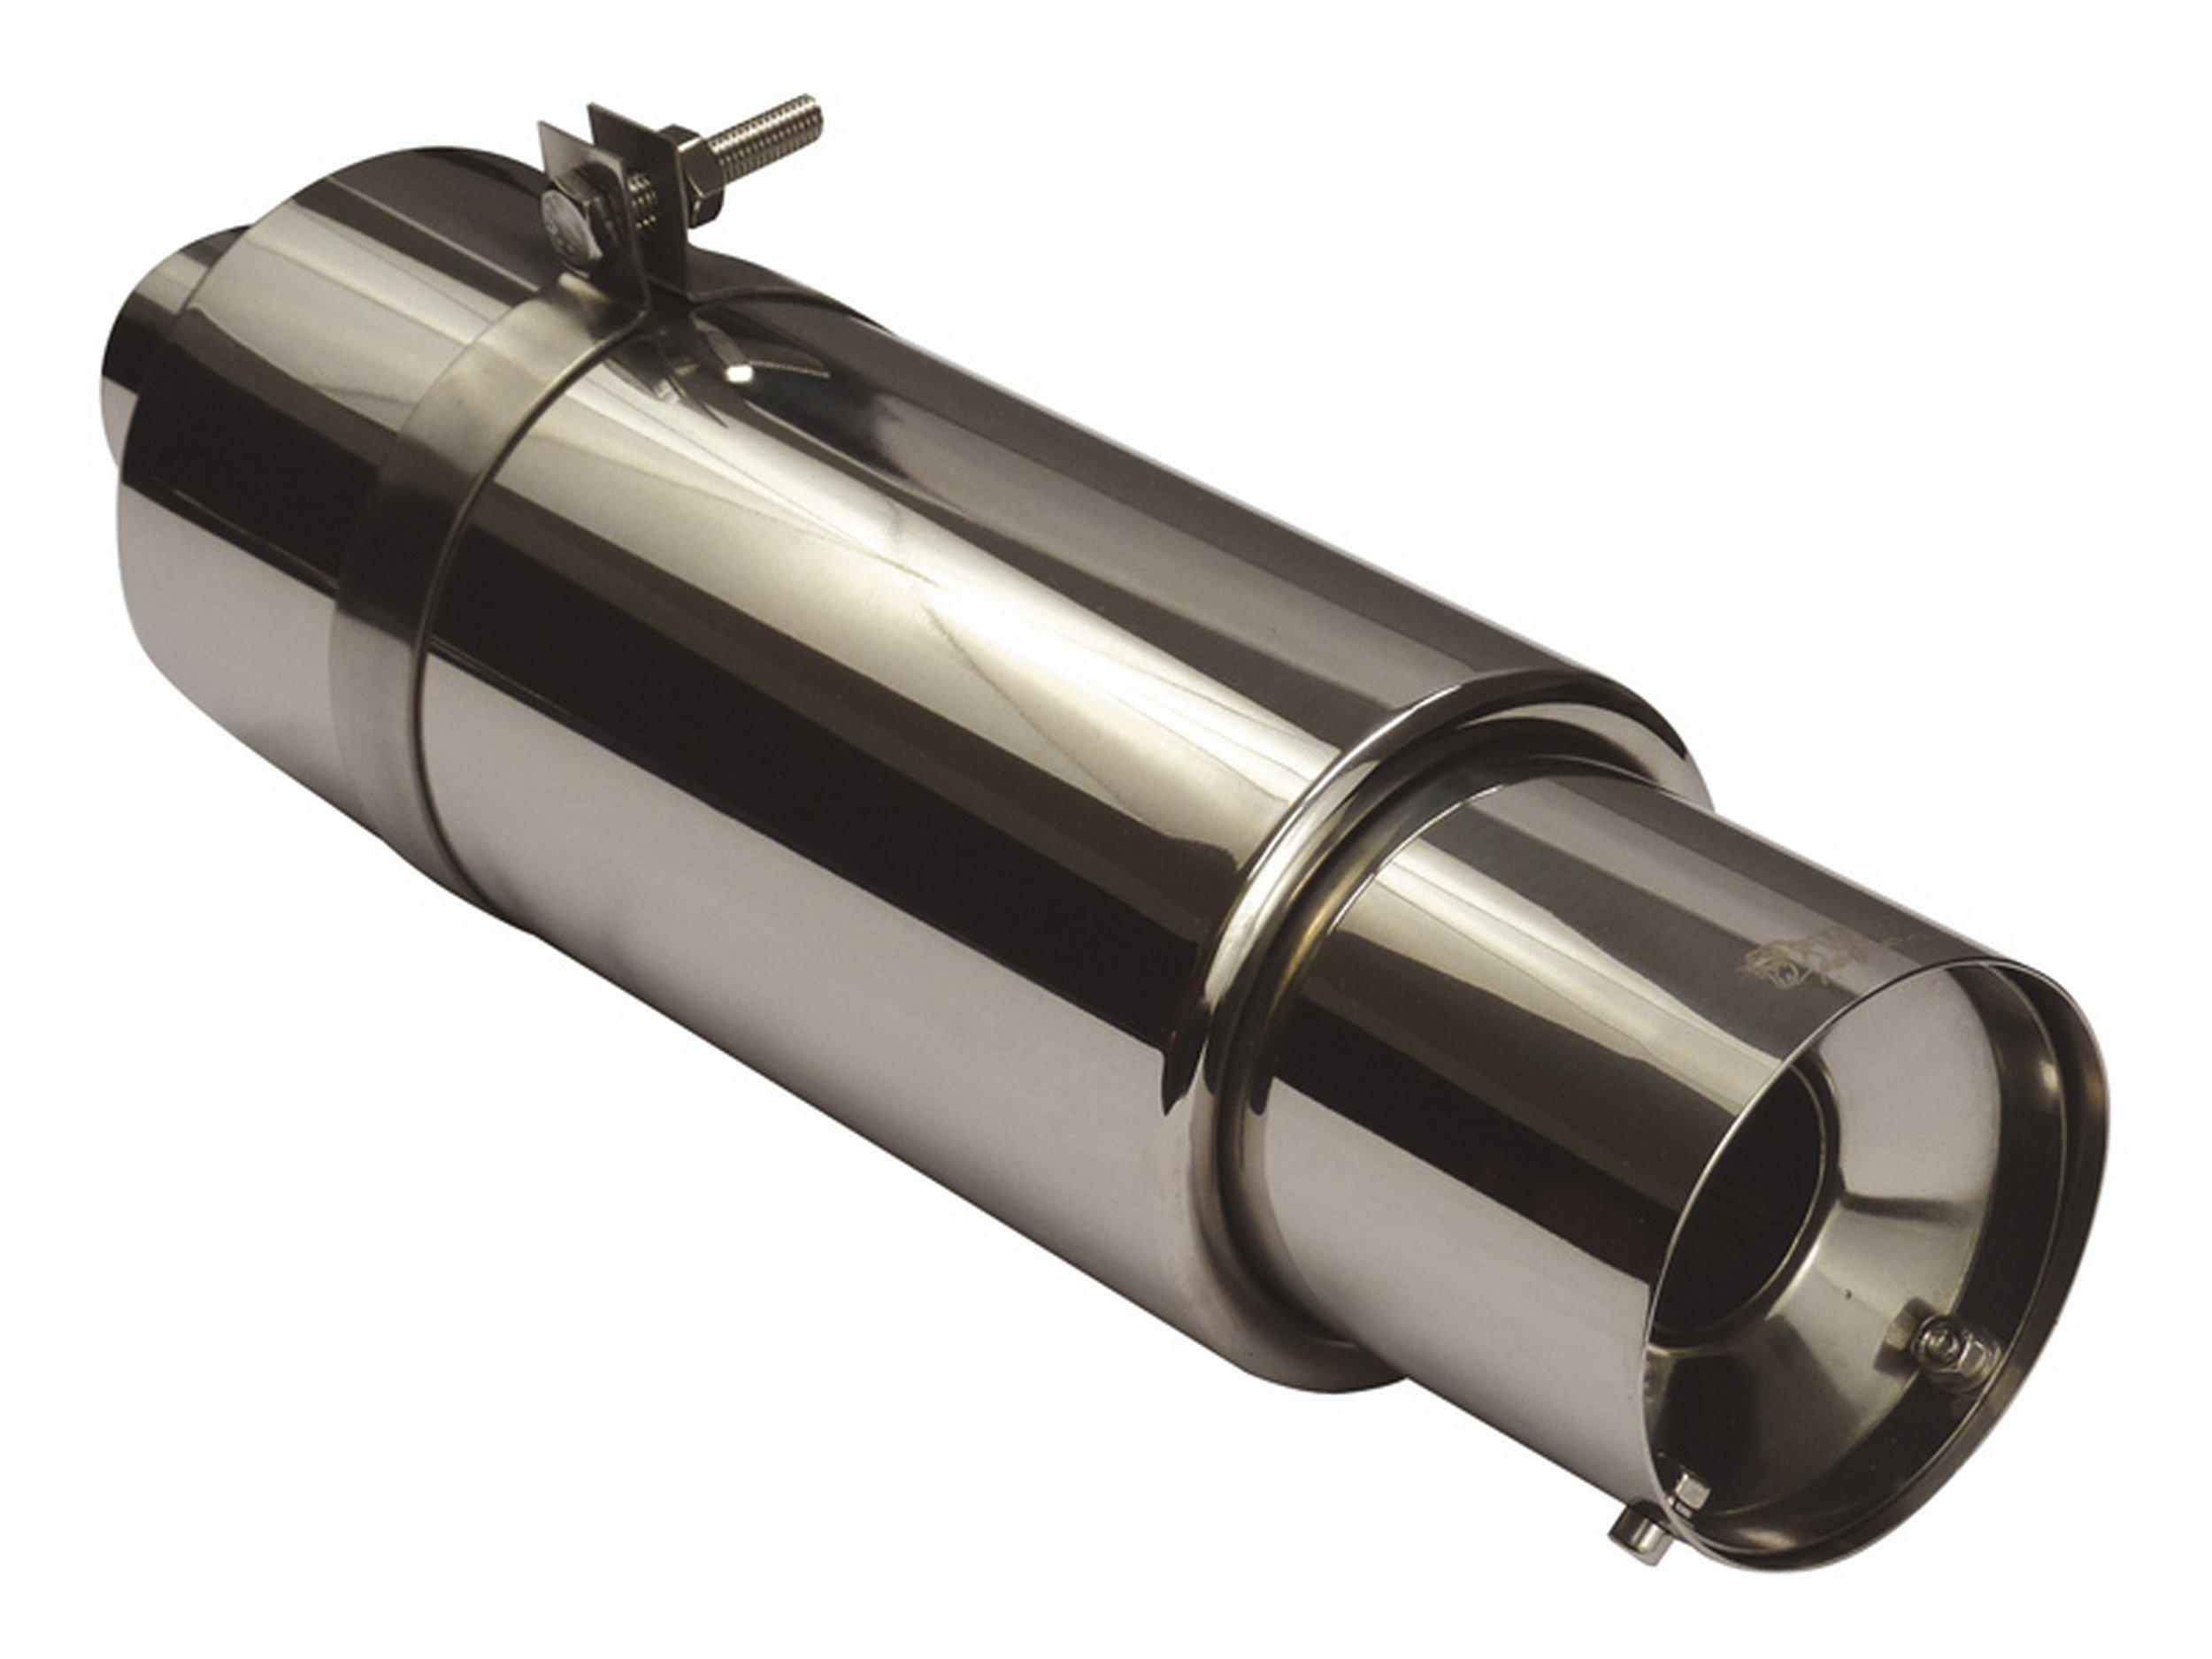 глушитель спортивный mugen вм silencer apexi n1 fi 100